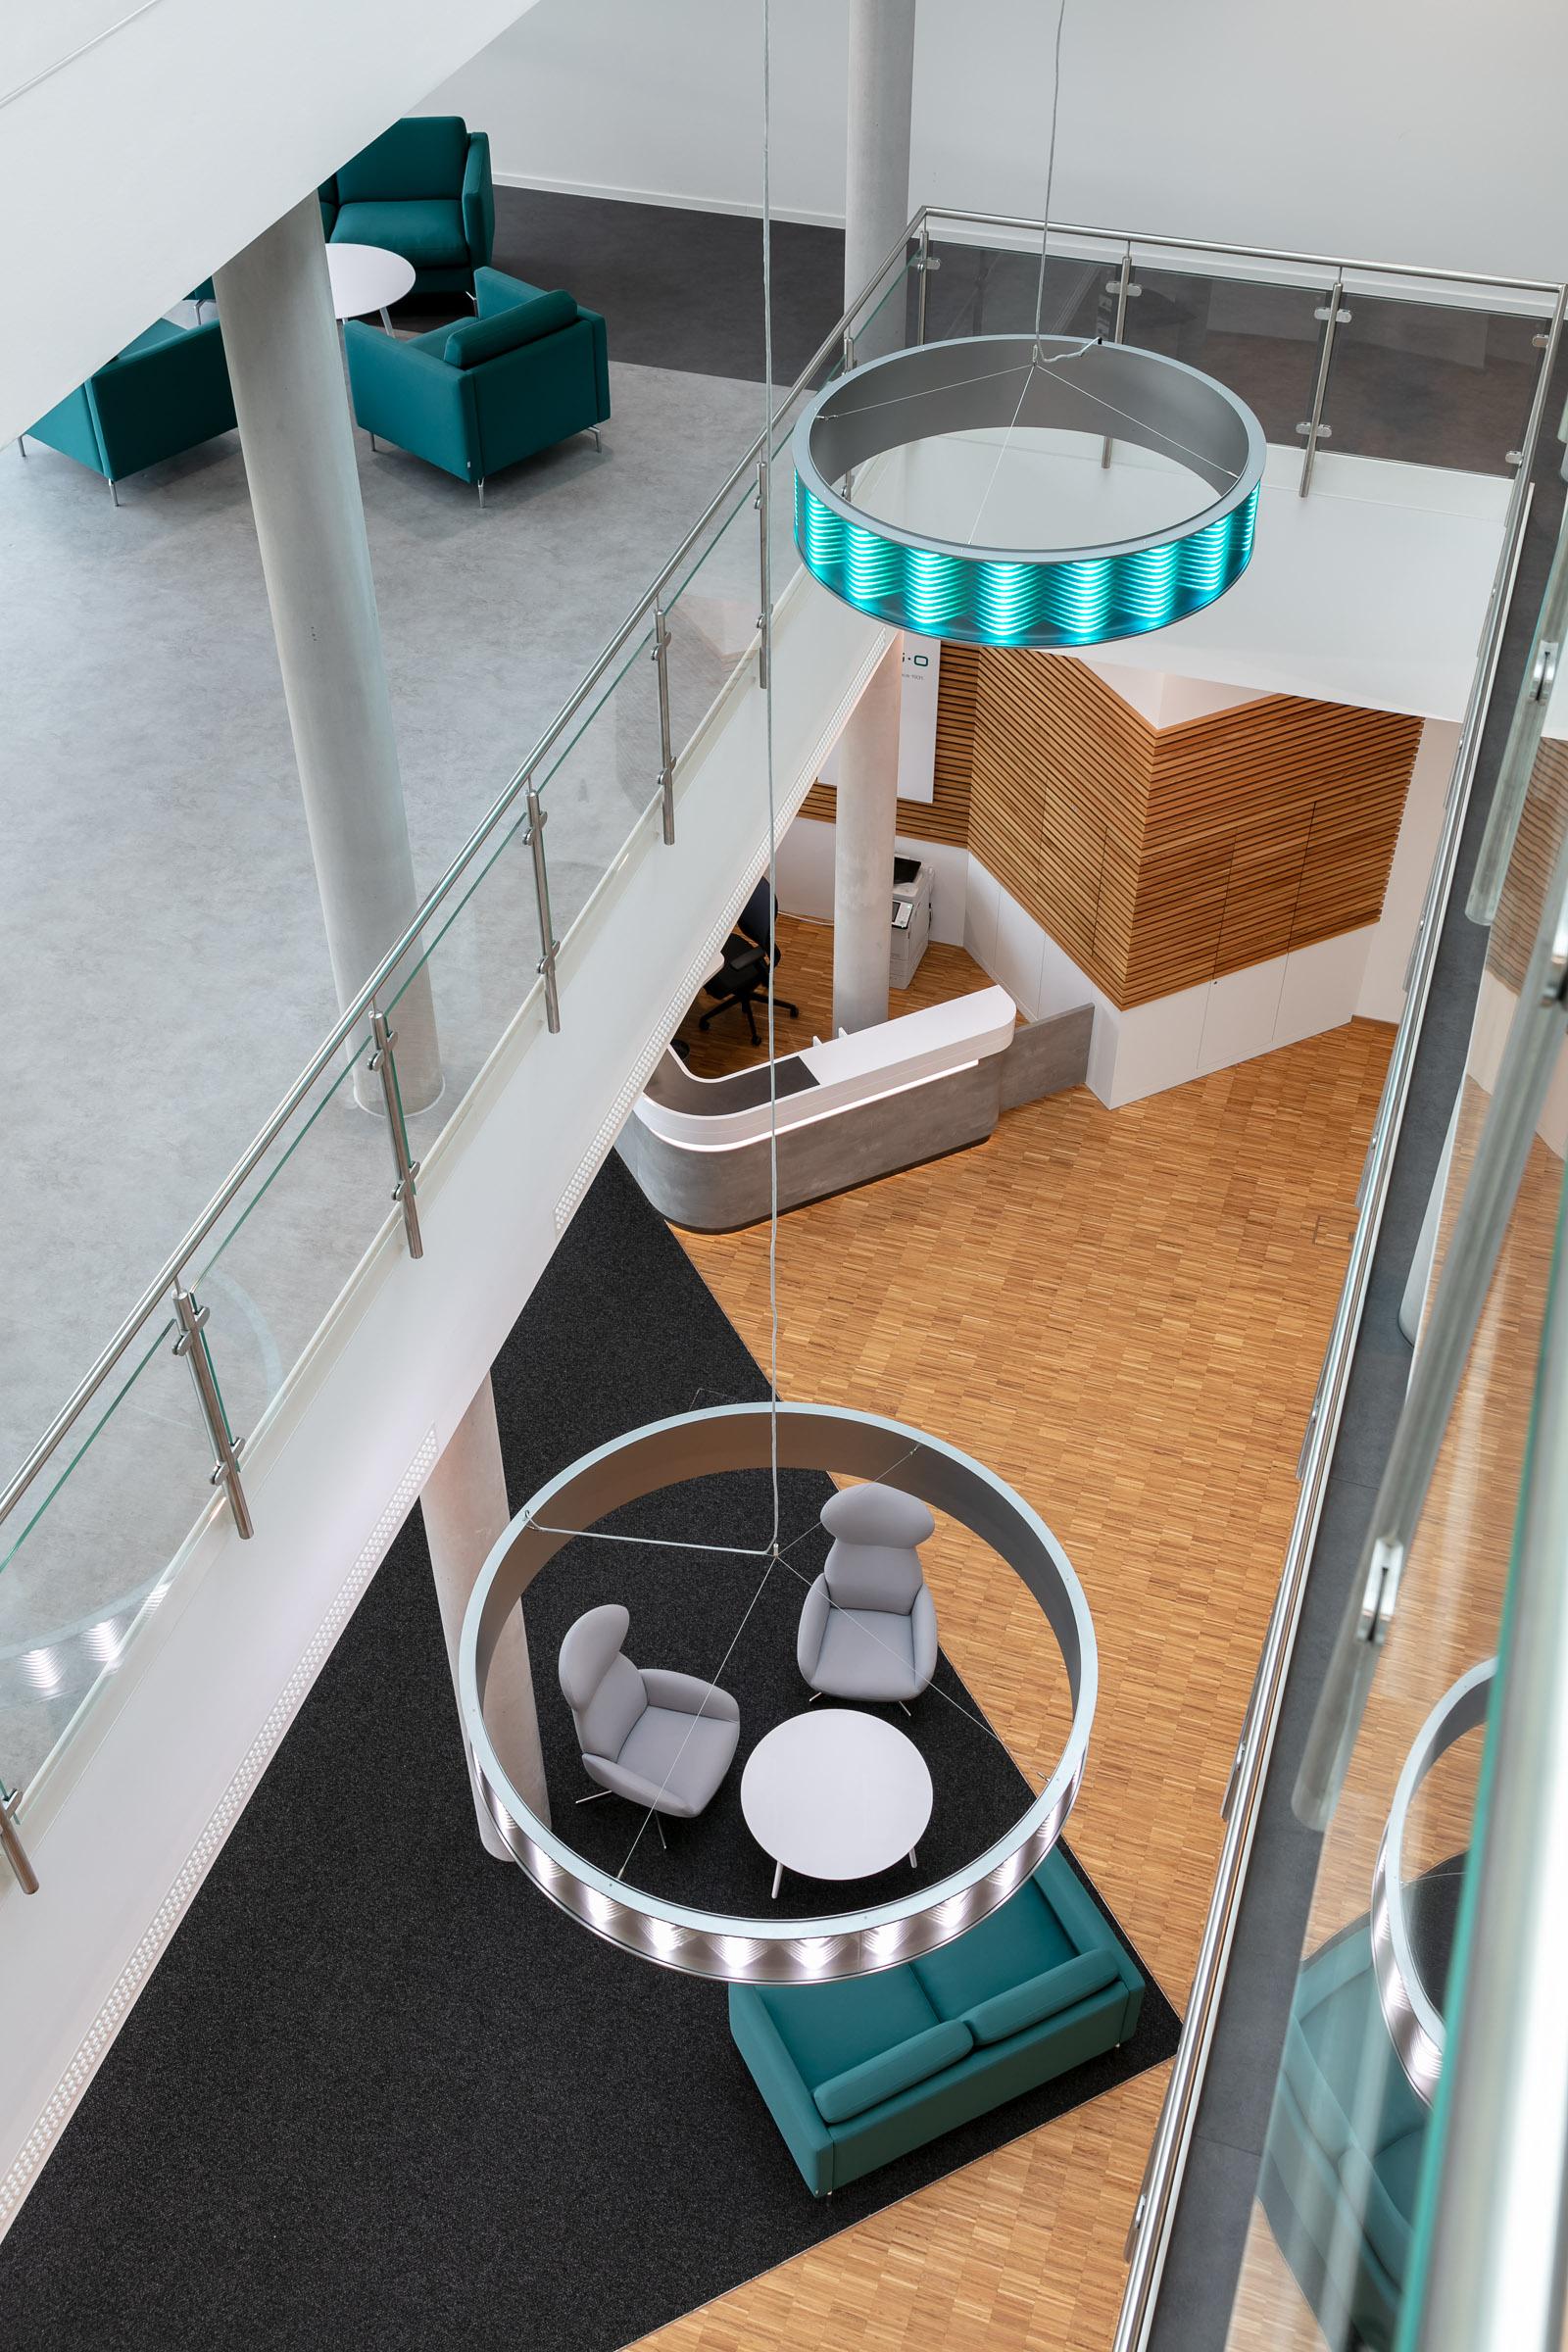 Ringleuchten im Eingangsportal eines Firmengebäudes